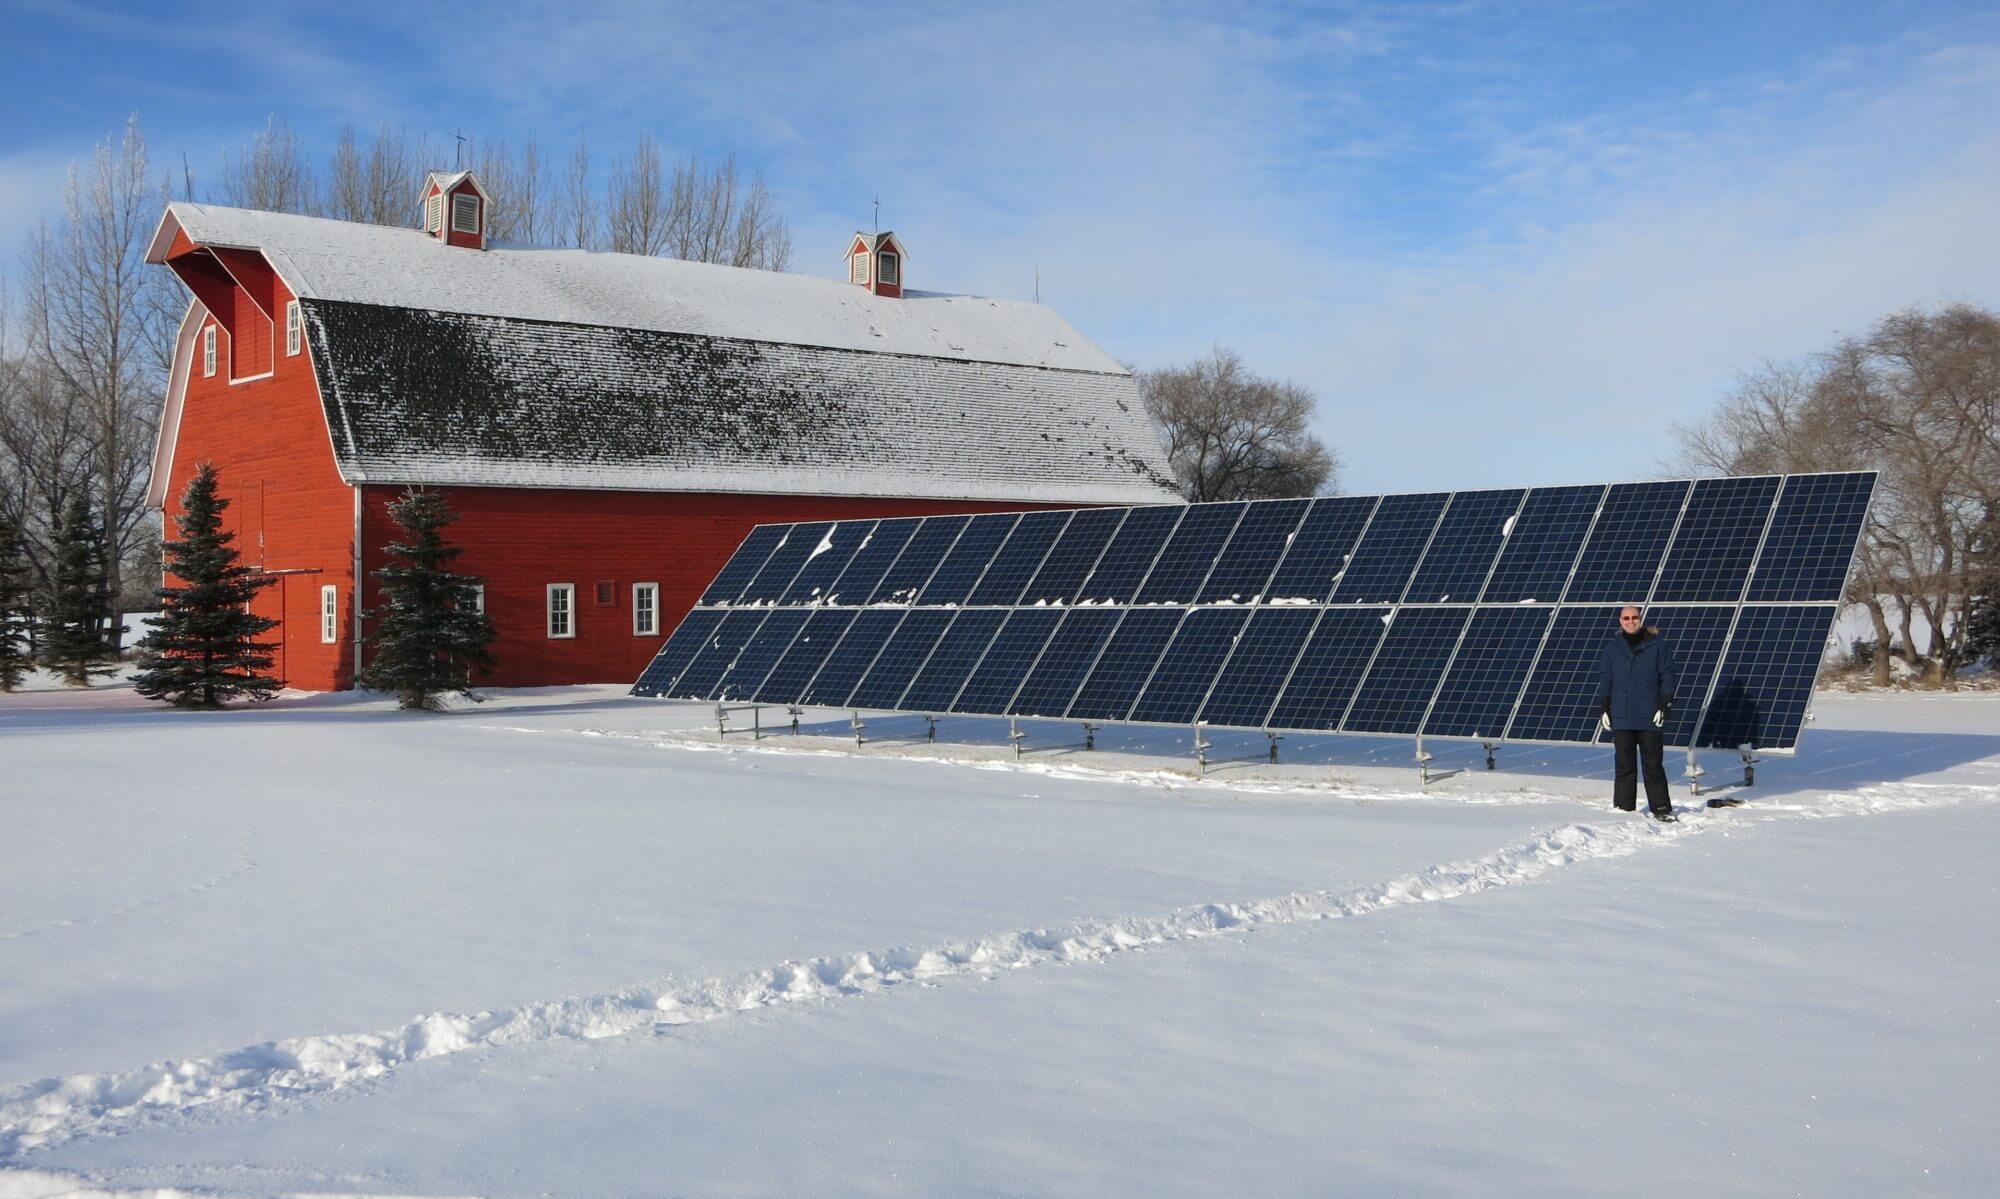 Tấm pin năng lượng ở nơi có tuyết